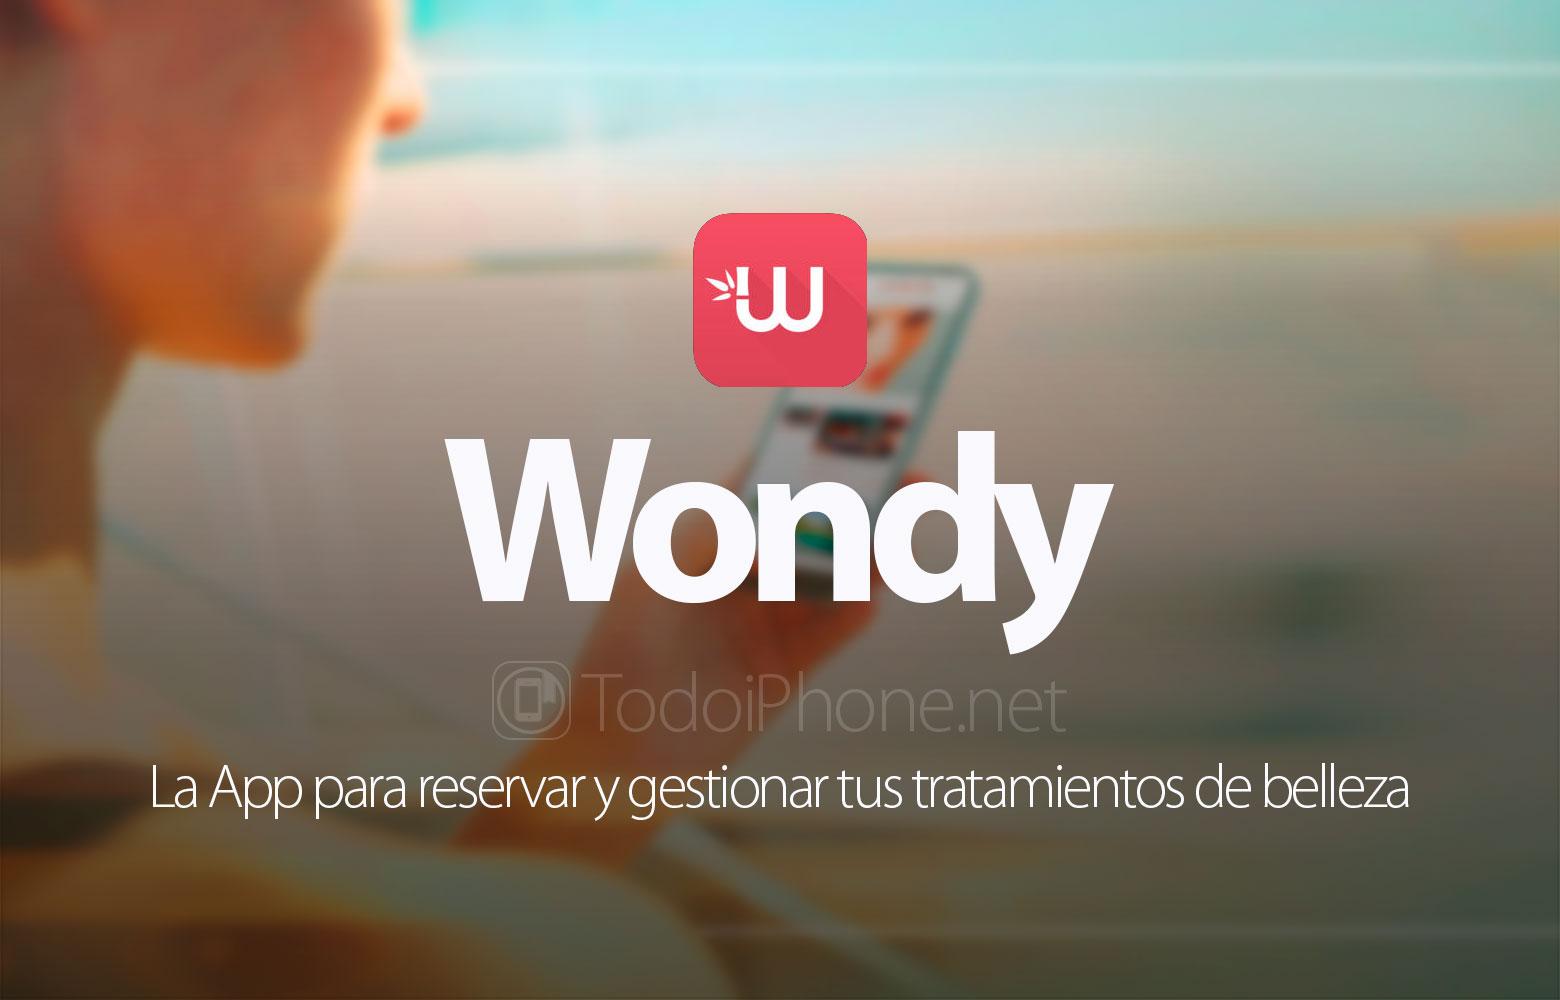 wondy-reservar-gestionar-tratamientos-belleza-iphone